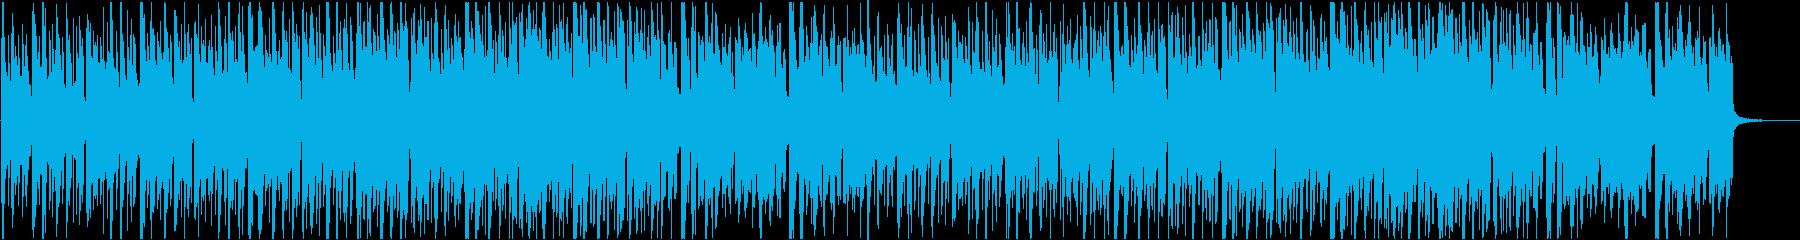 CM用かわいい軽快な曲の再生済みの波形